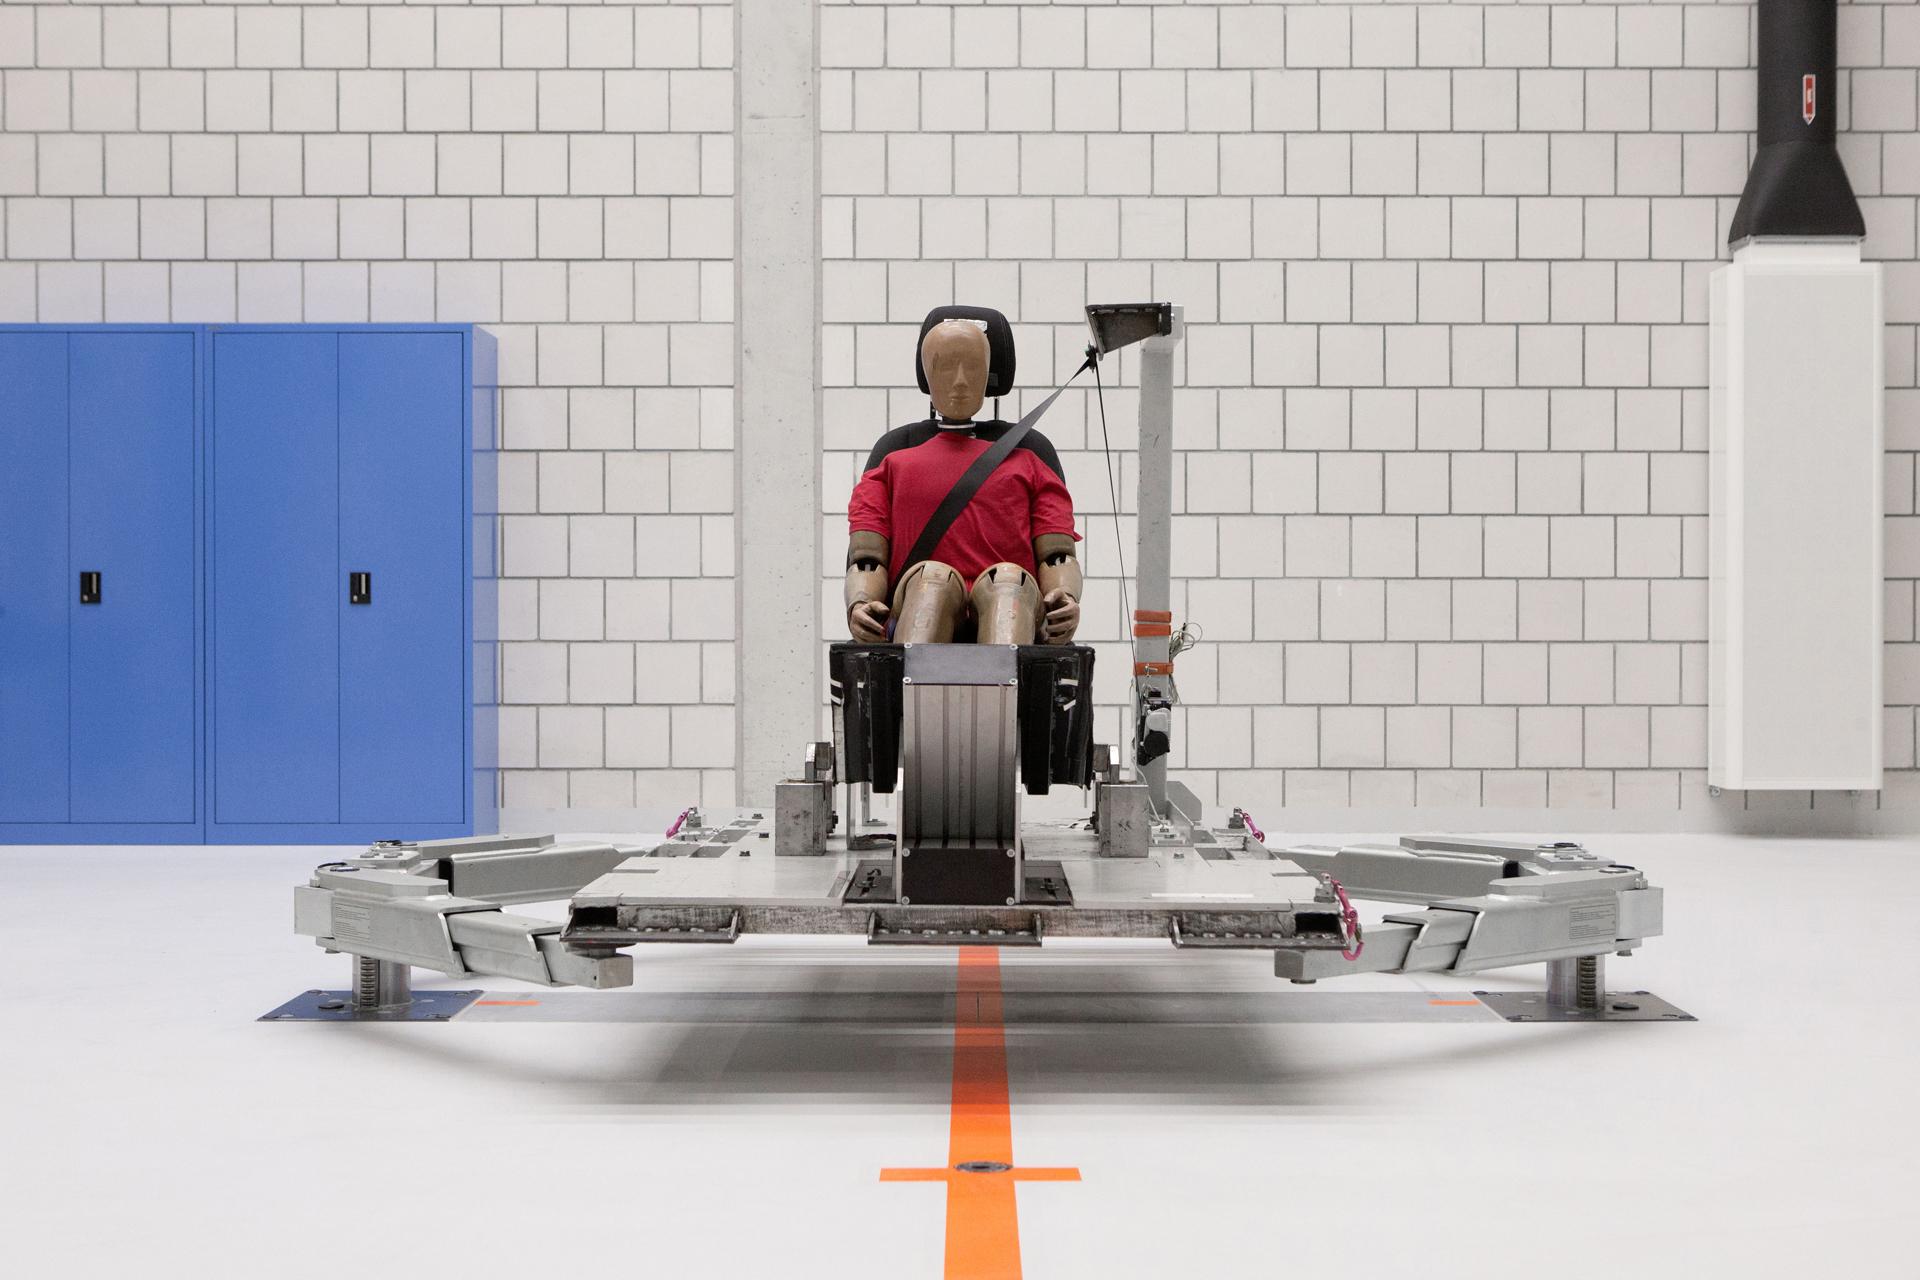 Im Mercedes-Benz Technologiezentrum Fahrzeugsicherheit (TFS) in Sindelfingen werden auch einzelne Komponenten der Fahrzeugsicherheit entwickelt und erprobt. Für Rückhaltesysteme wie Sicherheitsgurte stehen Schlittenanlagen zur Verfügung. Foto aus dem Jahr 2016.